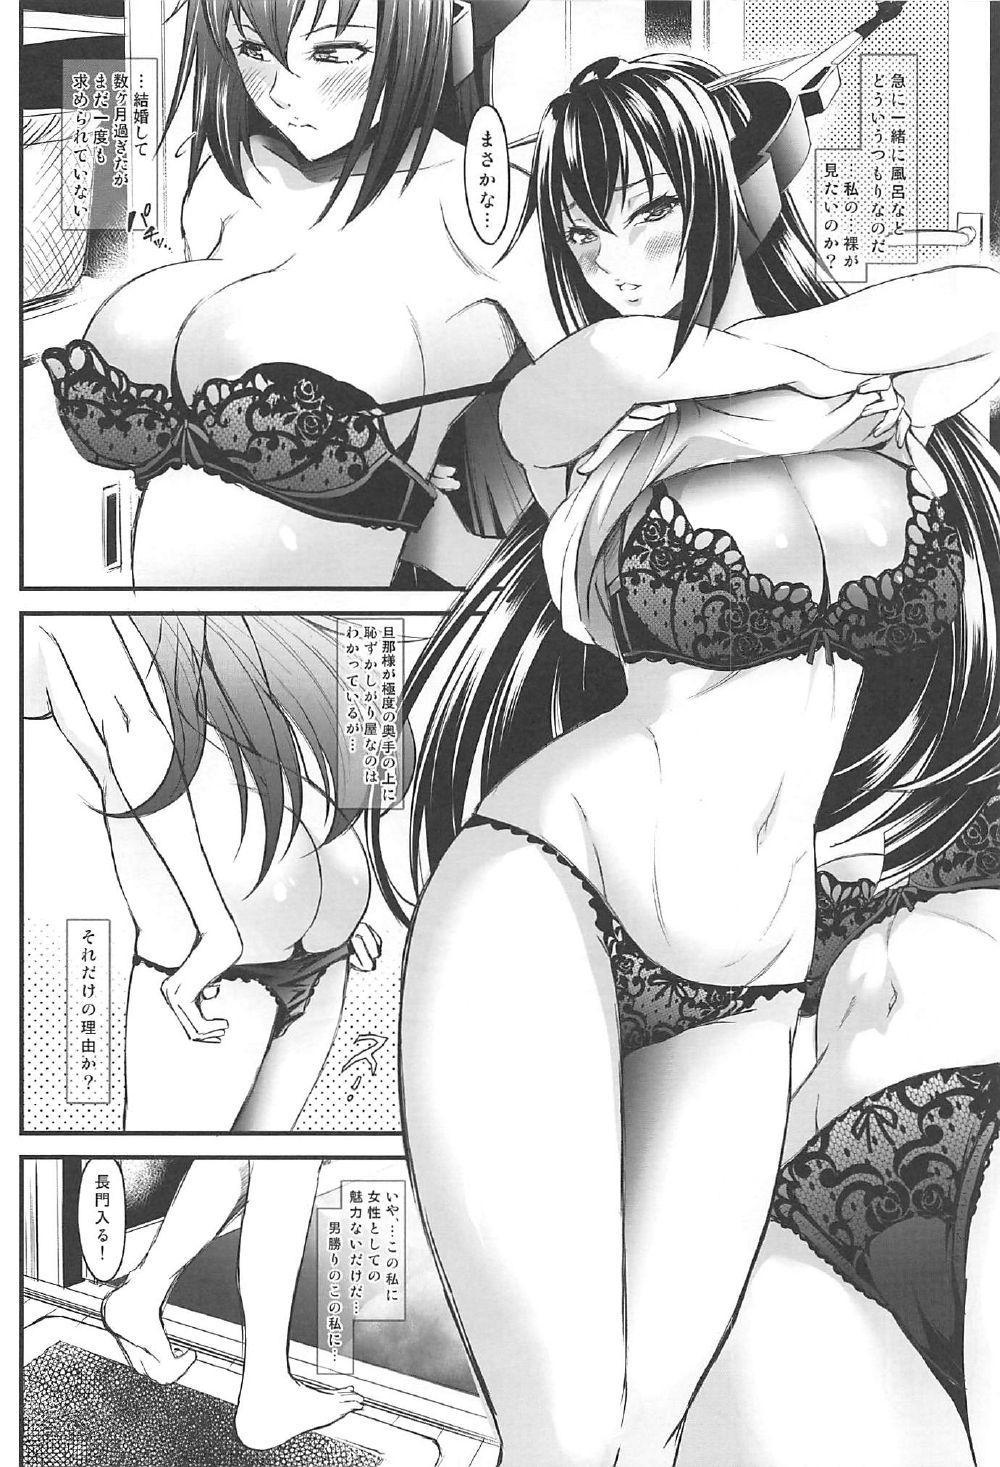 Nagato-san no Shinkon Seikatsu 4